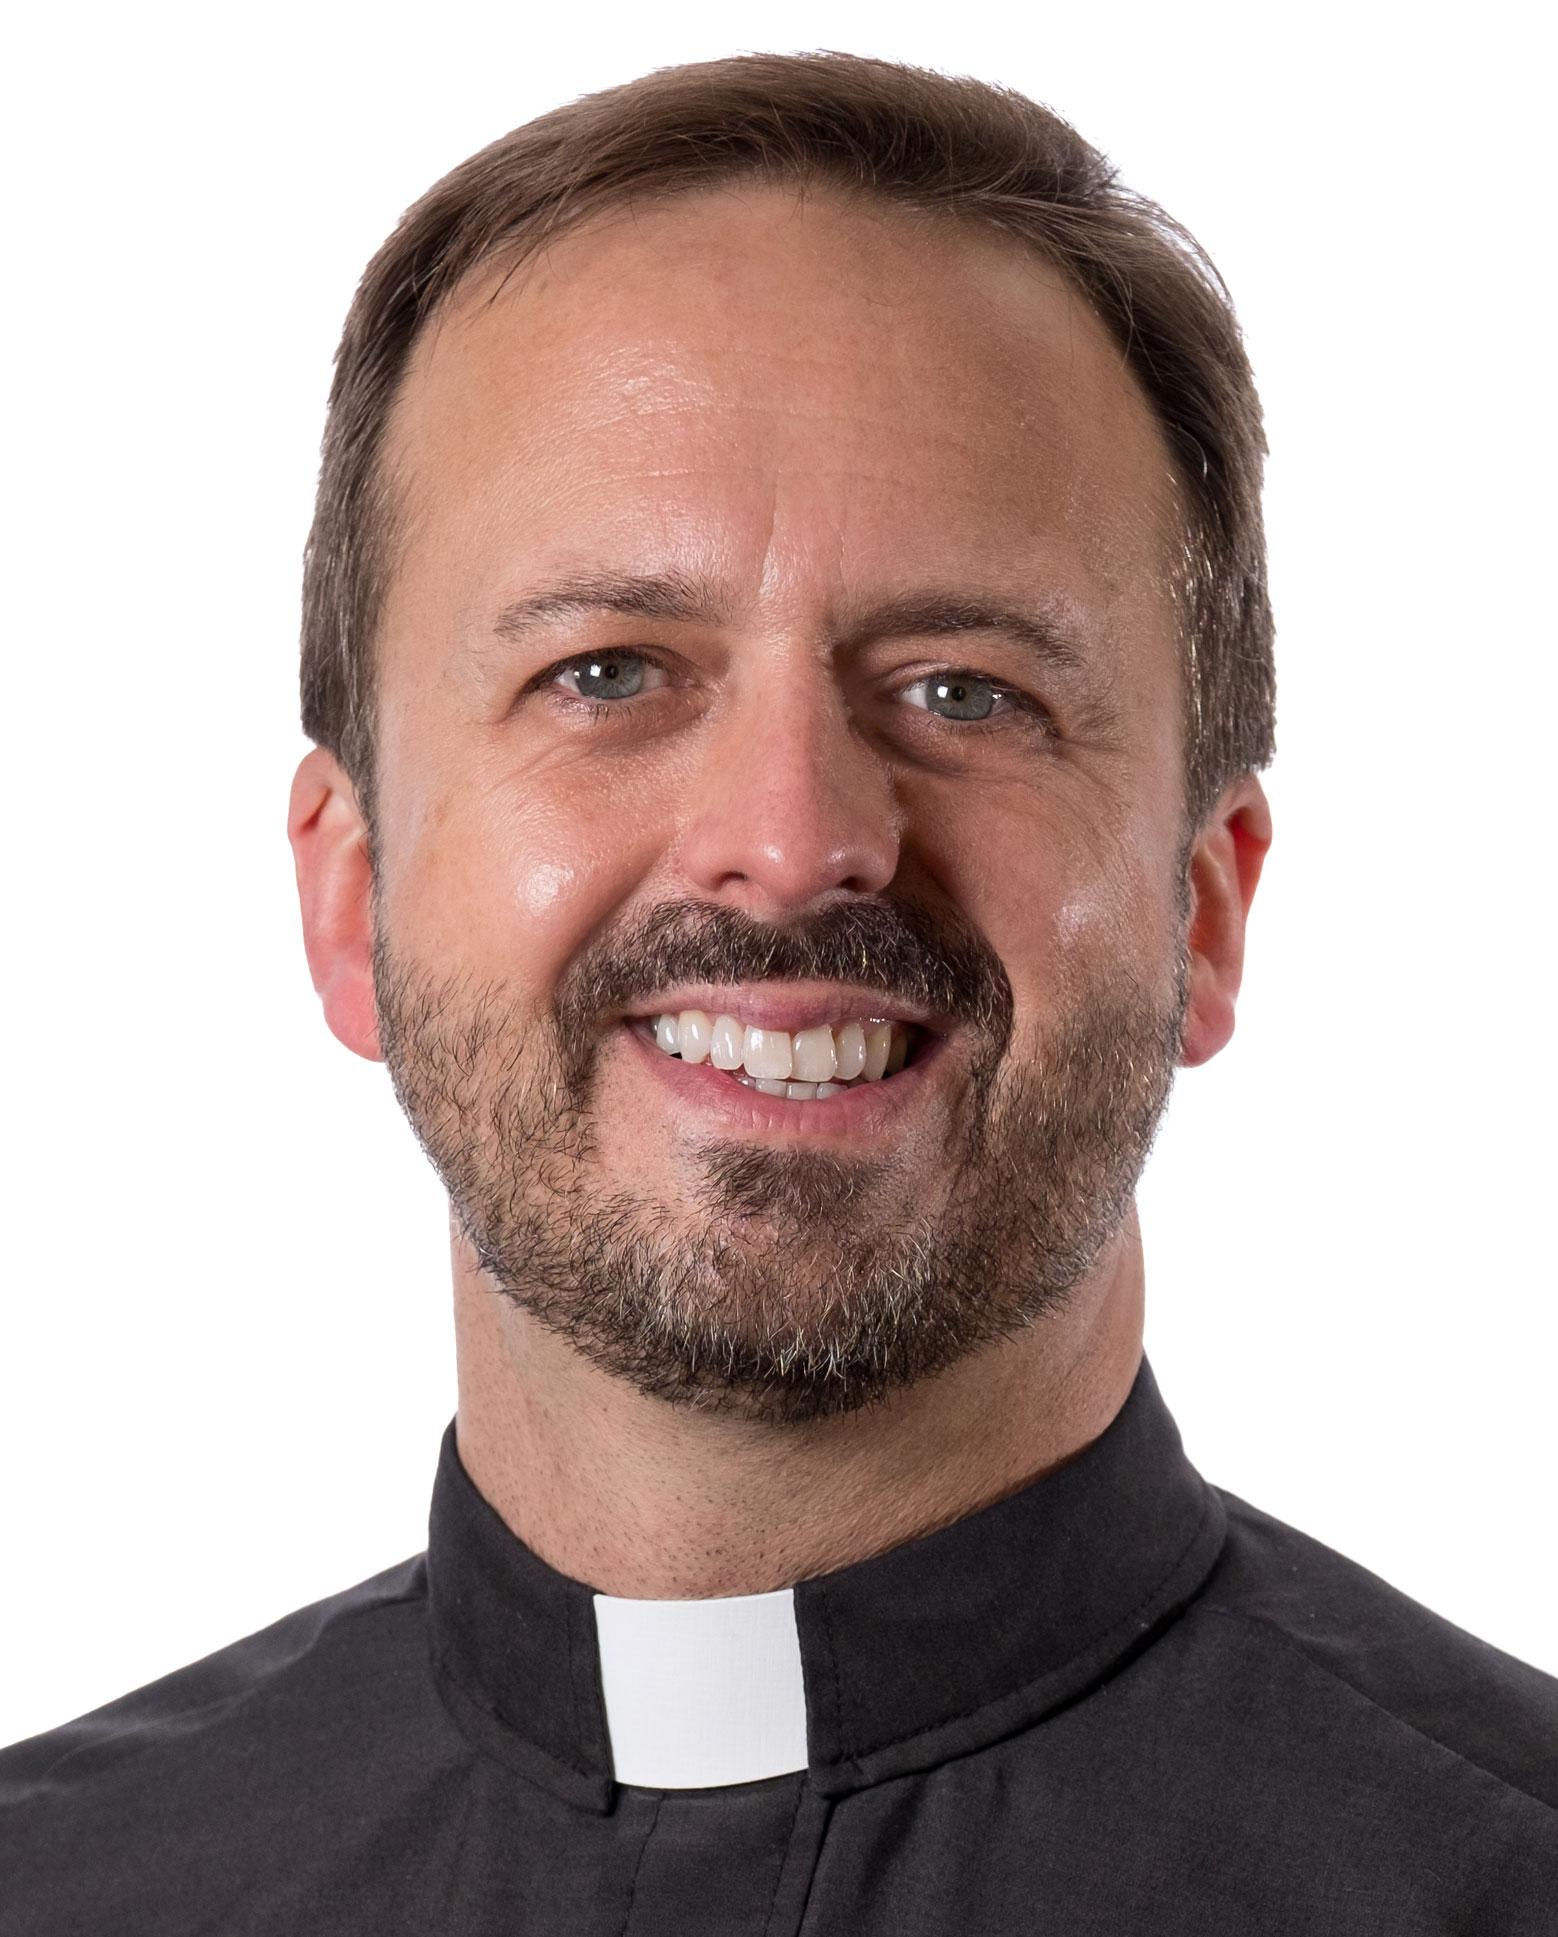 Rev.-Dr.-Edward-O.-Grimenstein.jpg